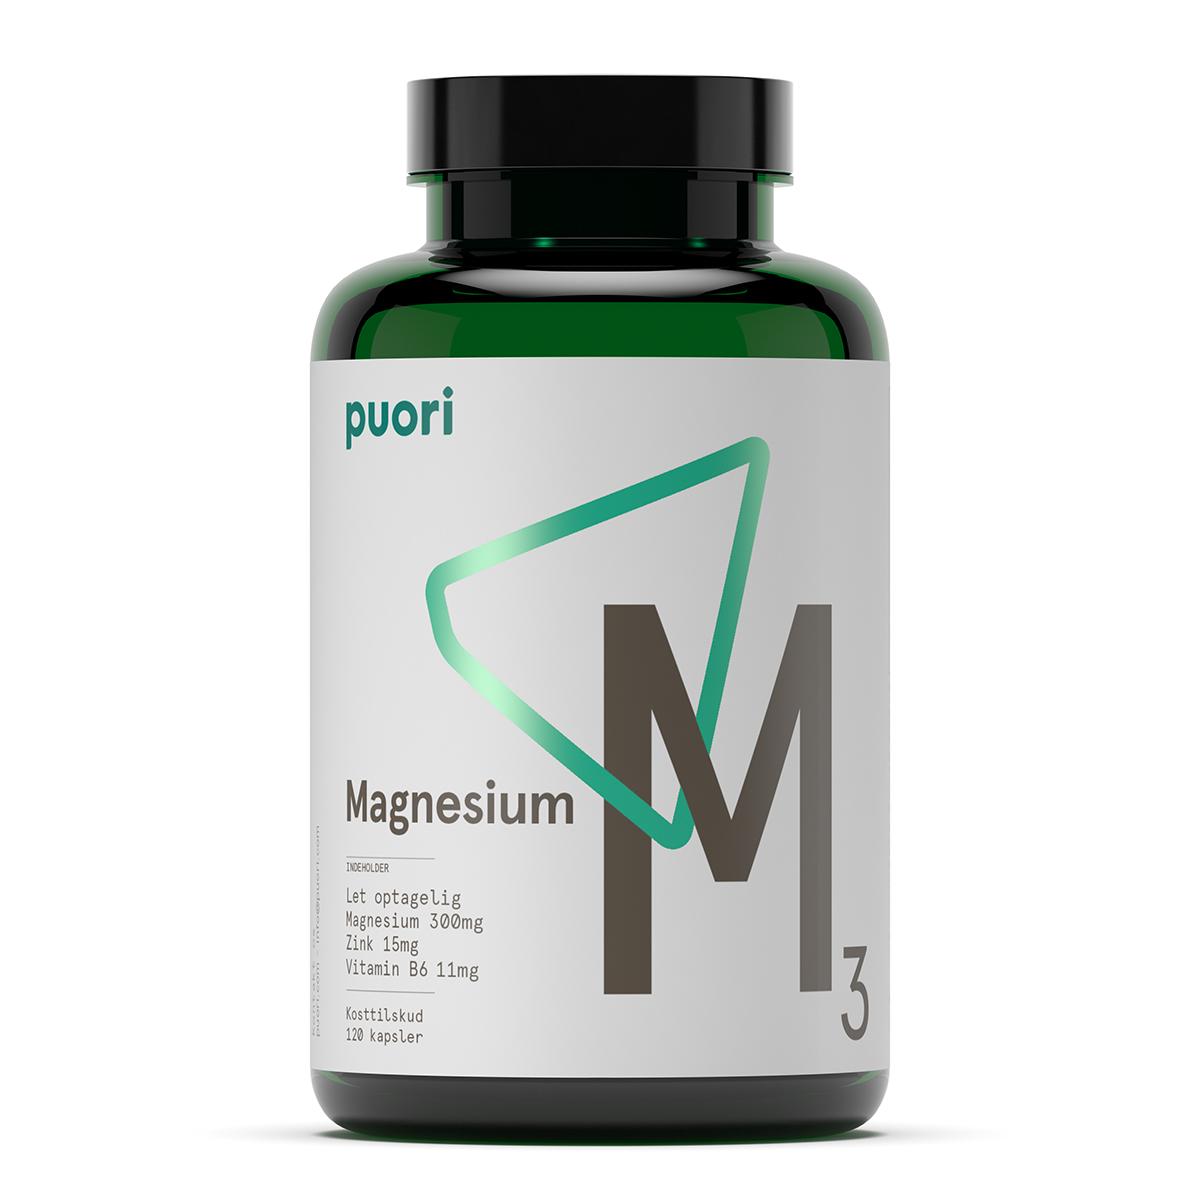 Puori magnesium fra Mecindo